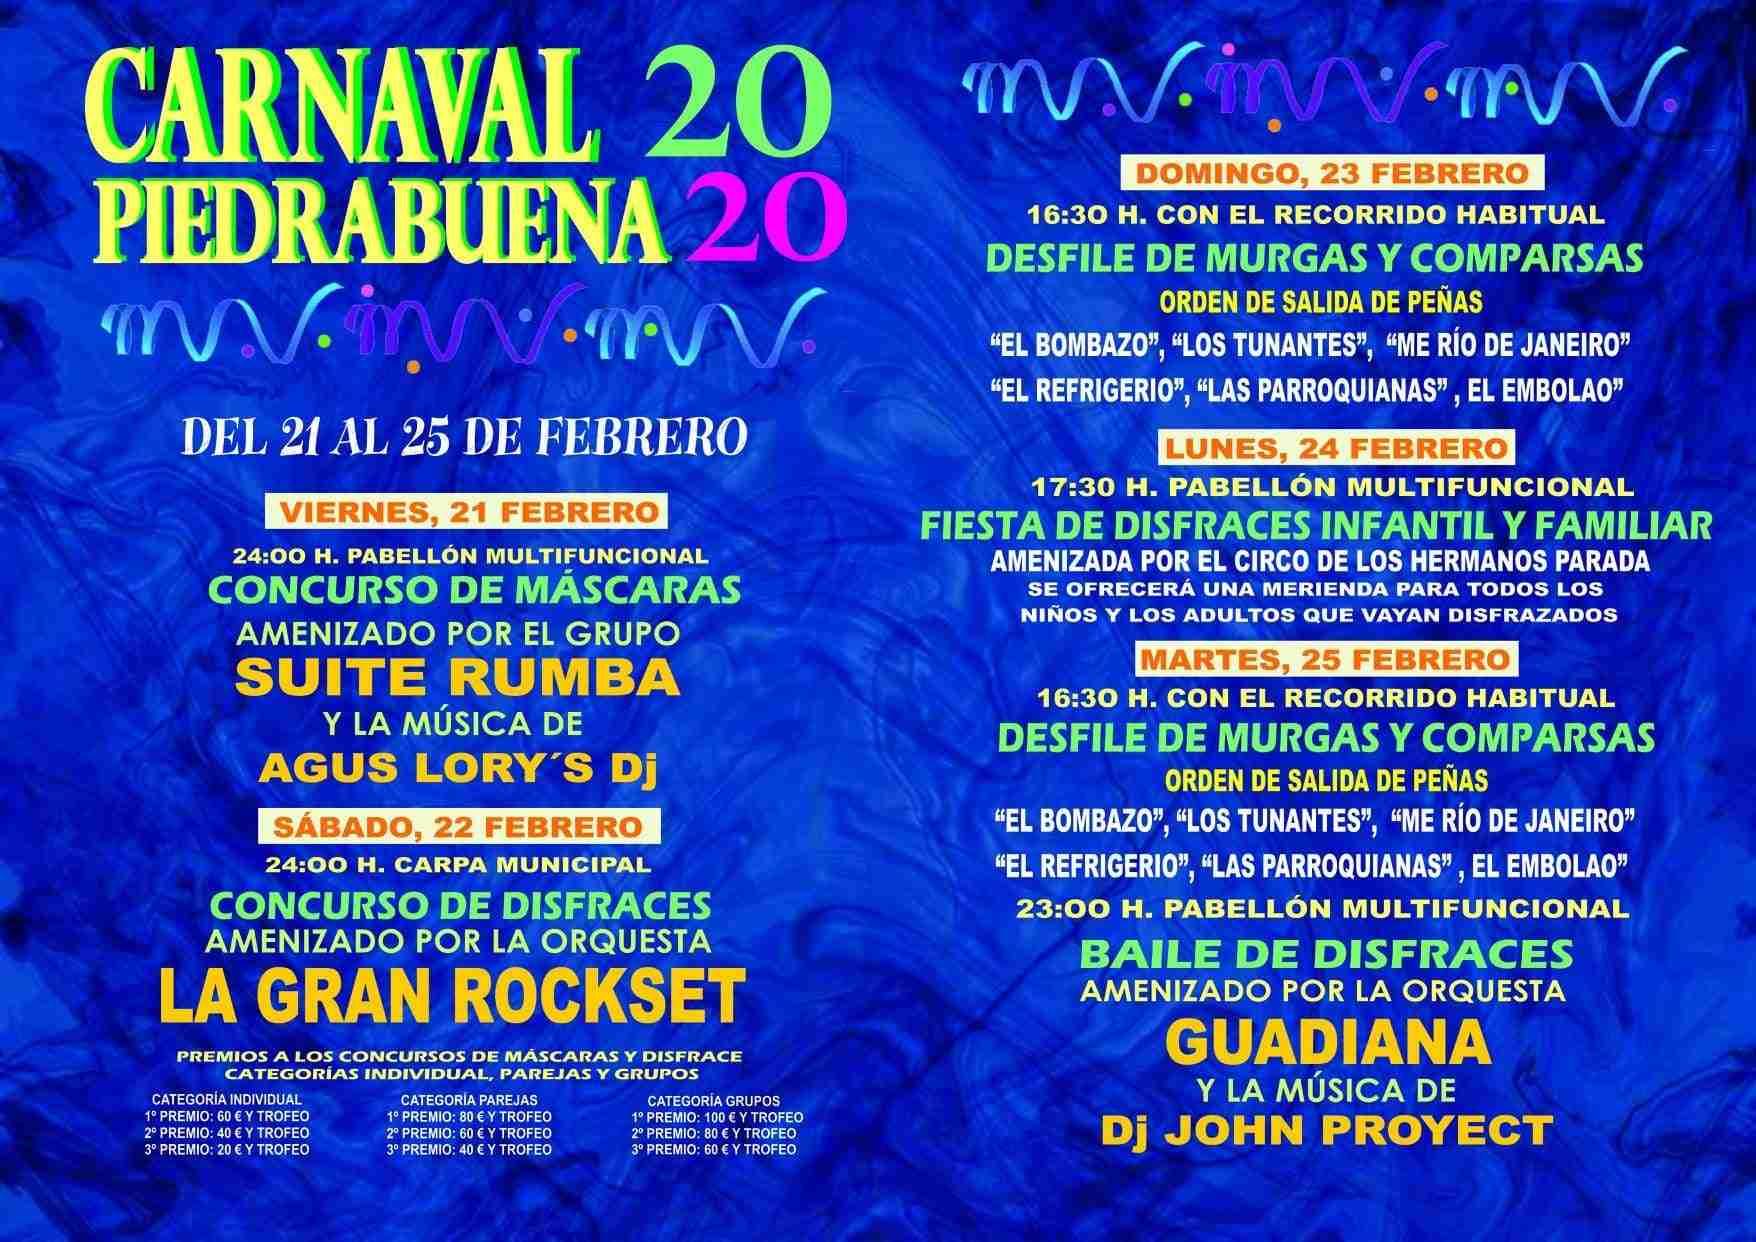 Máscaras callejeras, murgas y comparsas protagonizarán el Carnaval 2020 de Piedrabuena 3